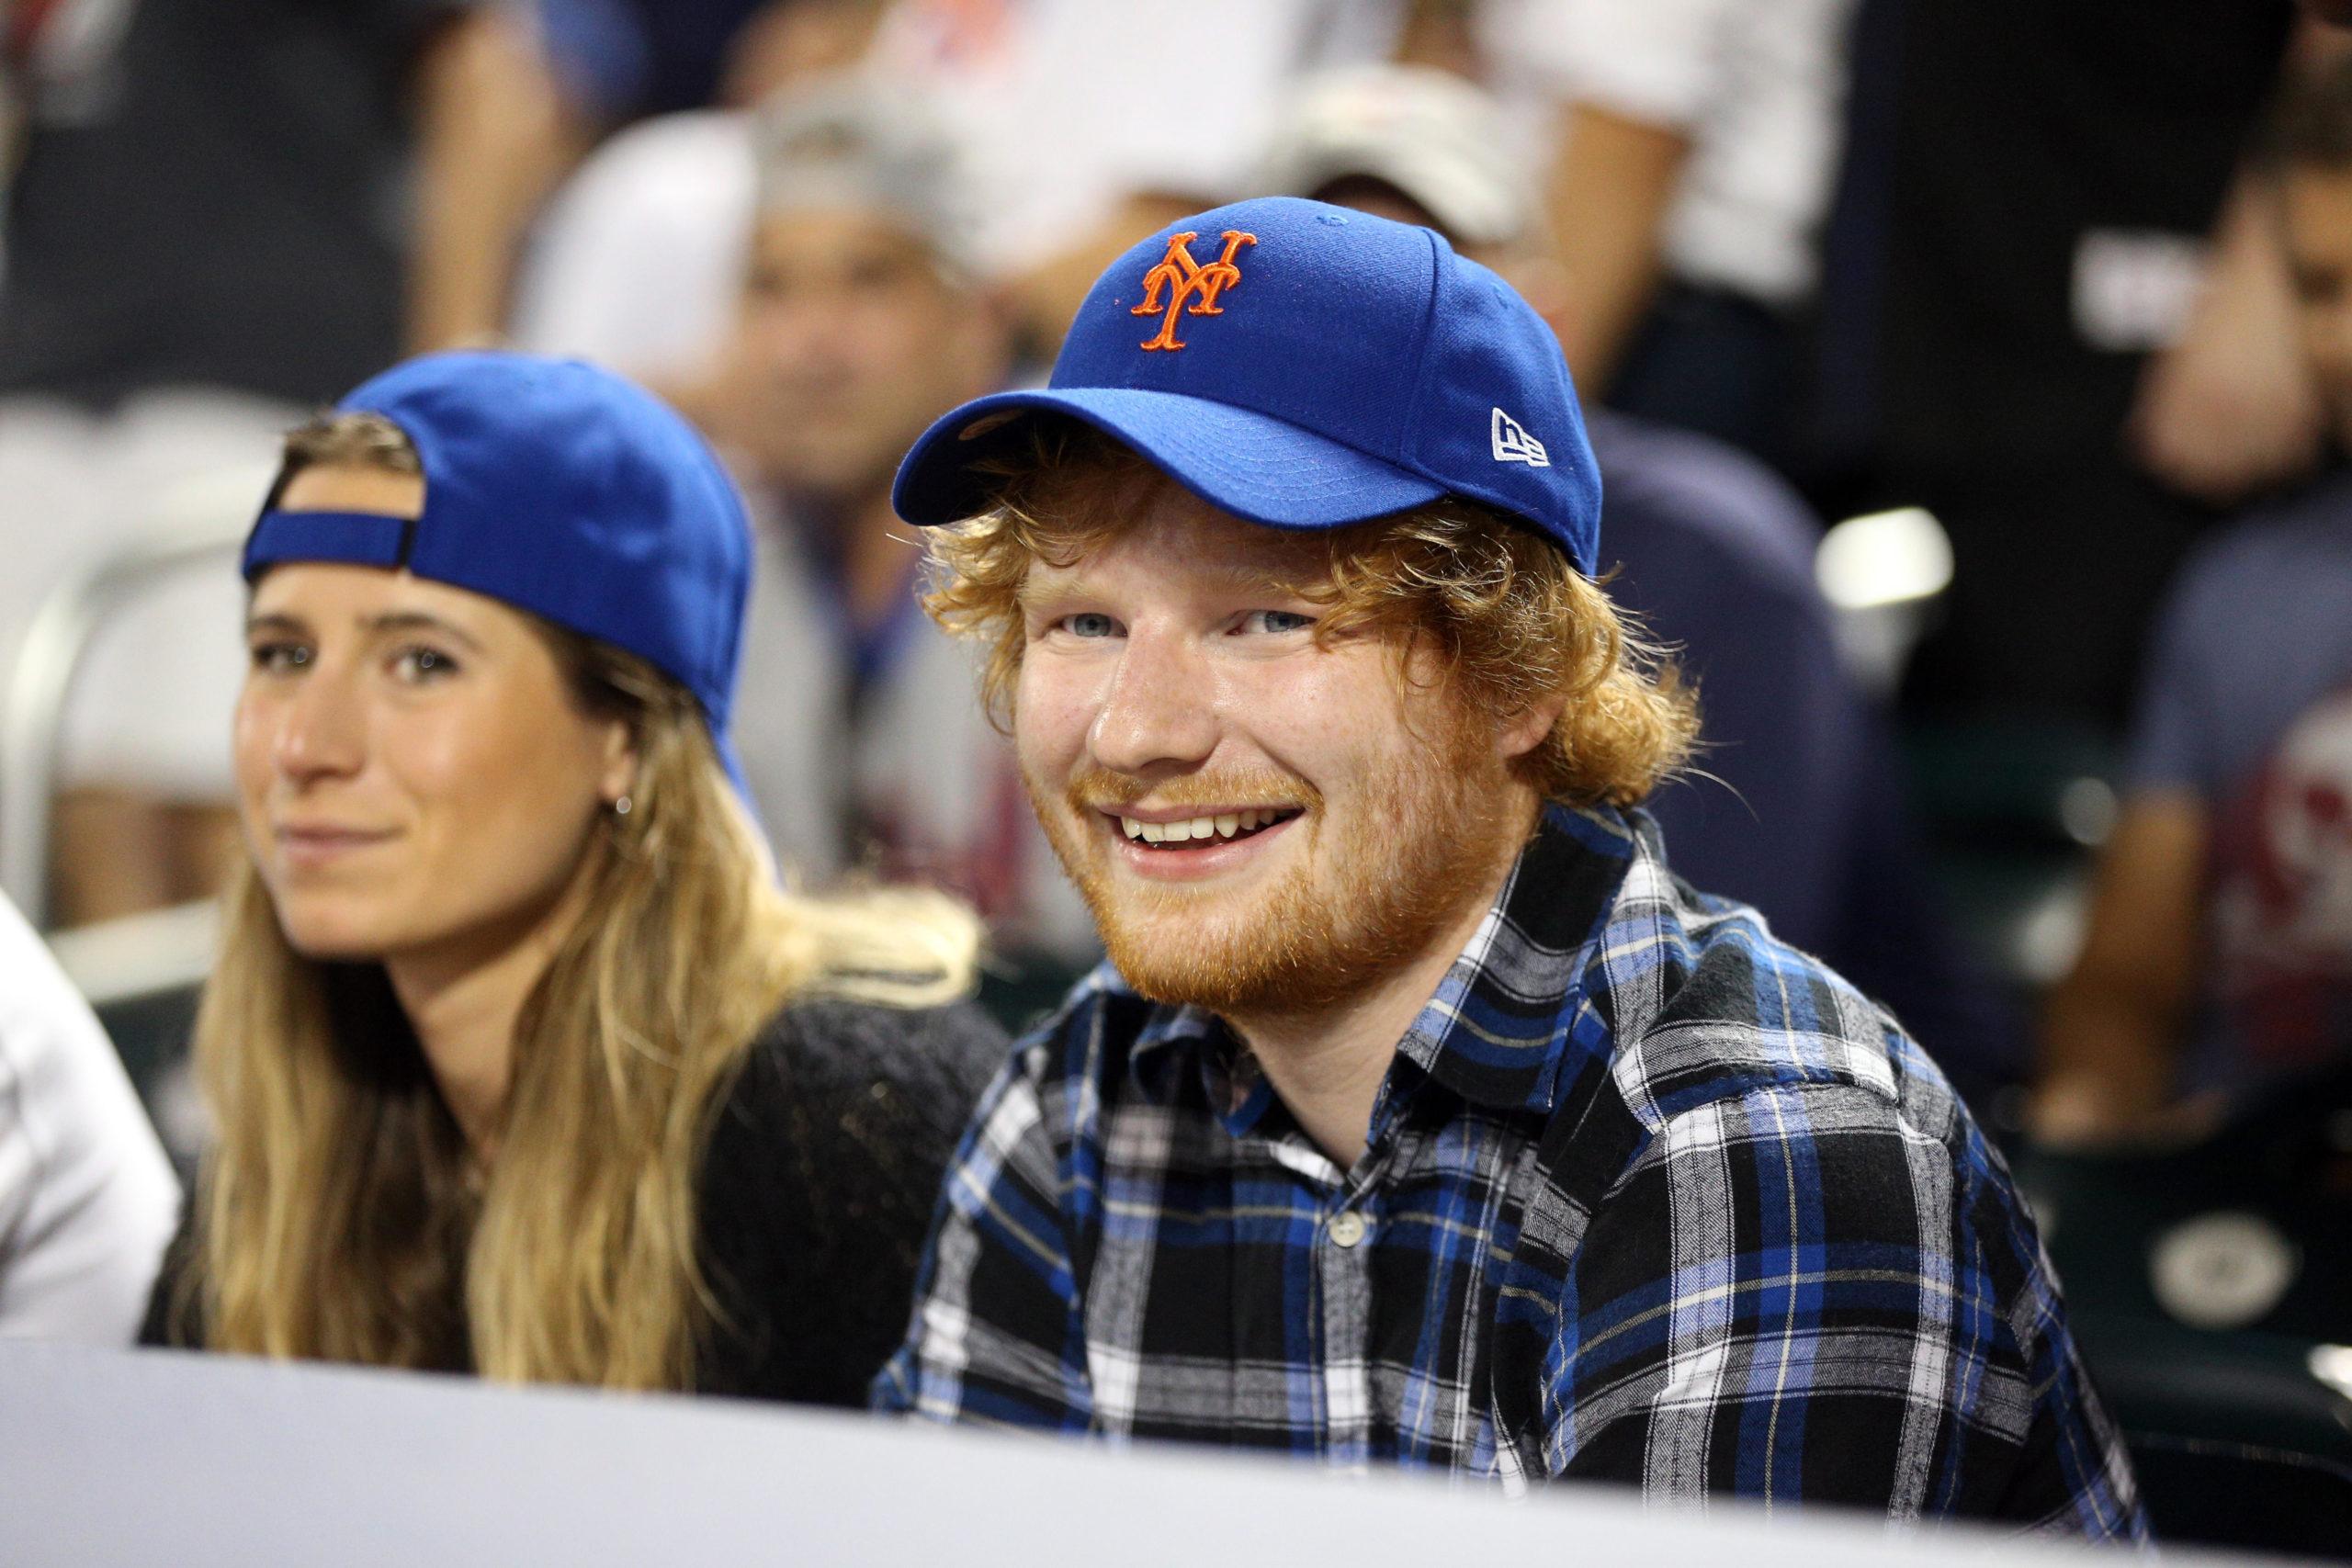 Ed Sheeran to be a dad